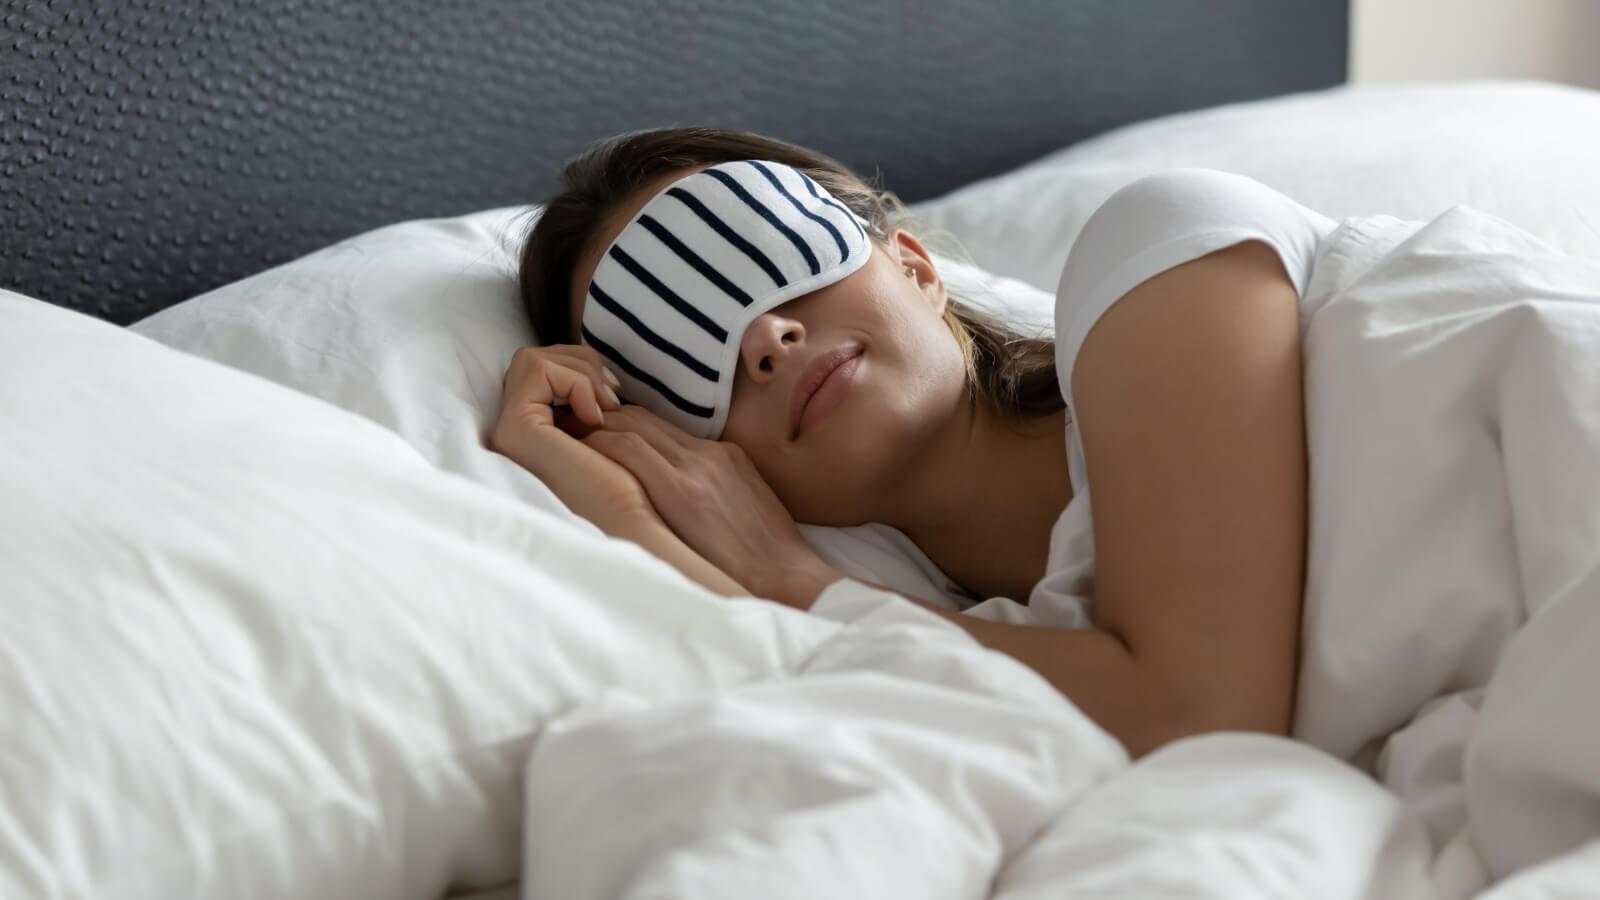 Eine Frau mit Schlafmaske liegt in einem Bett und schläft.